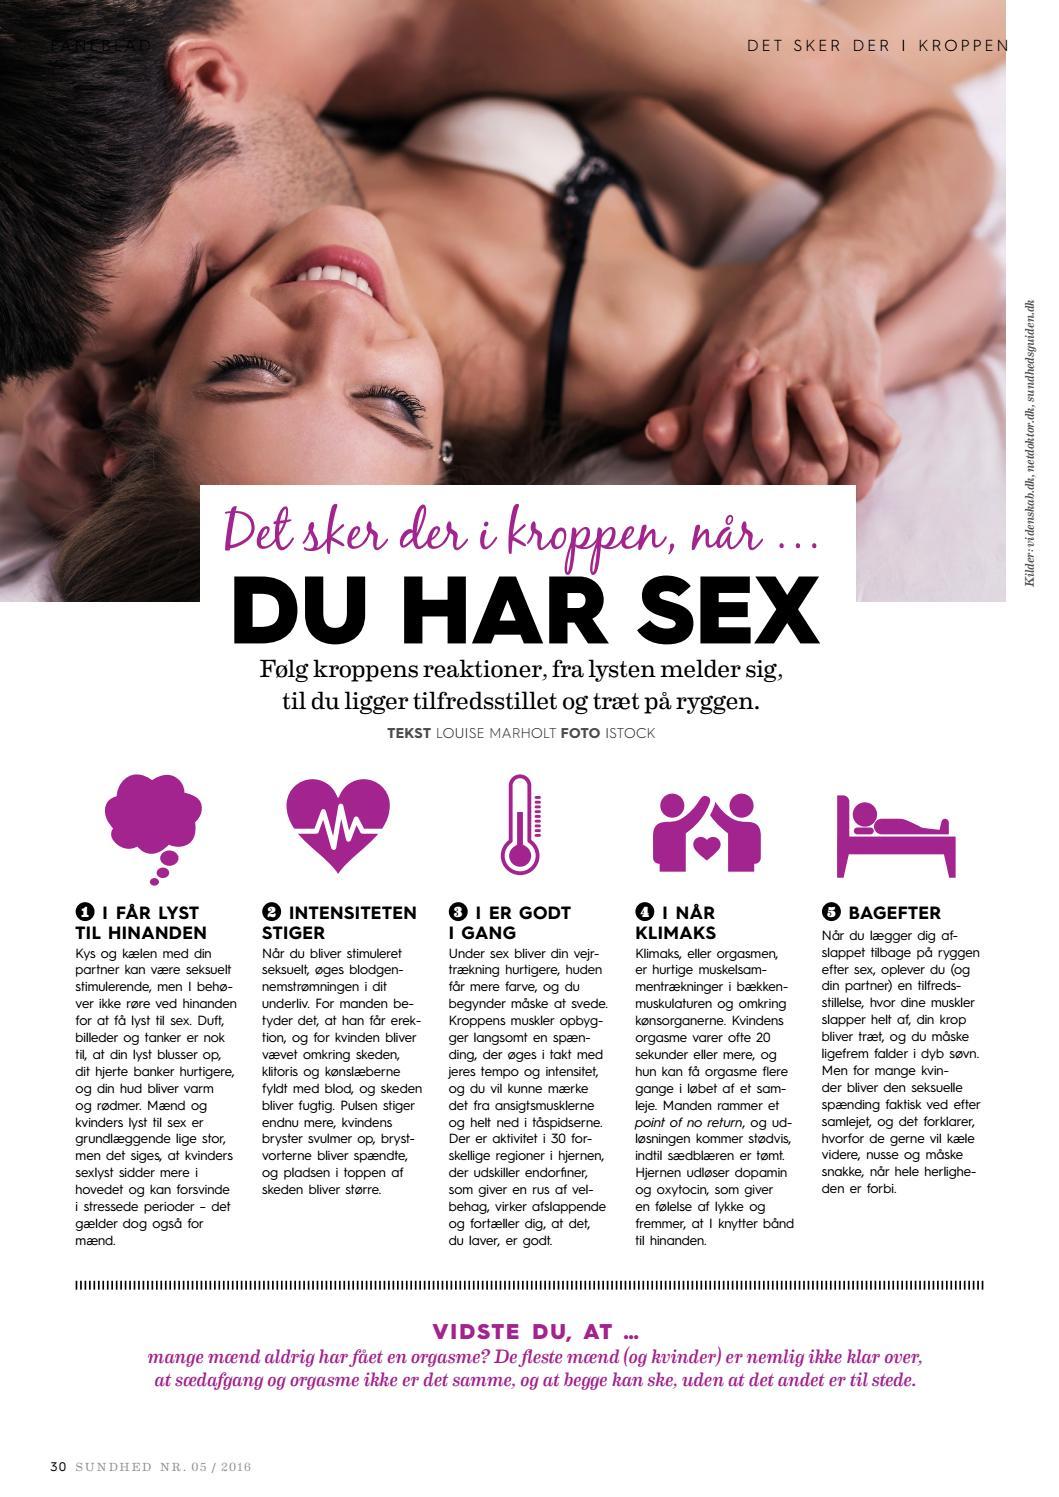 kvindelig orgasme videnskab www porn sex gratis